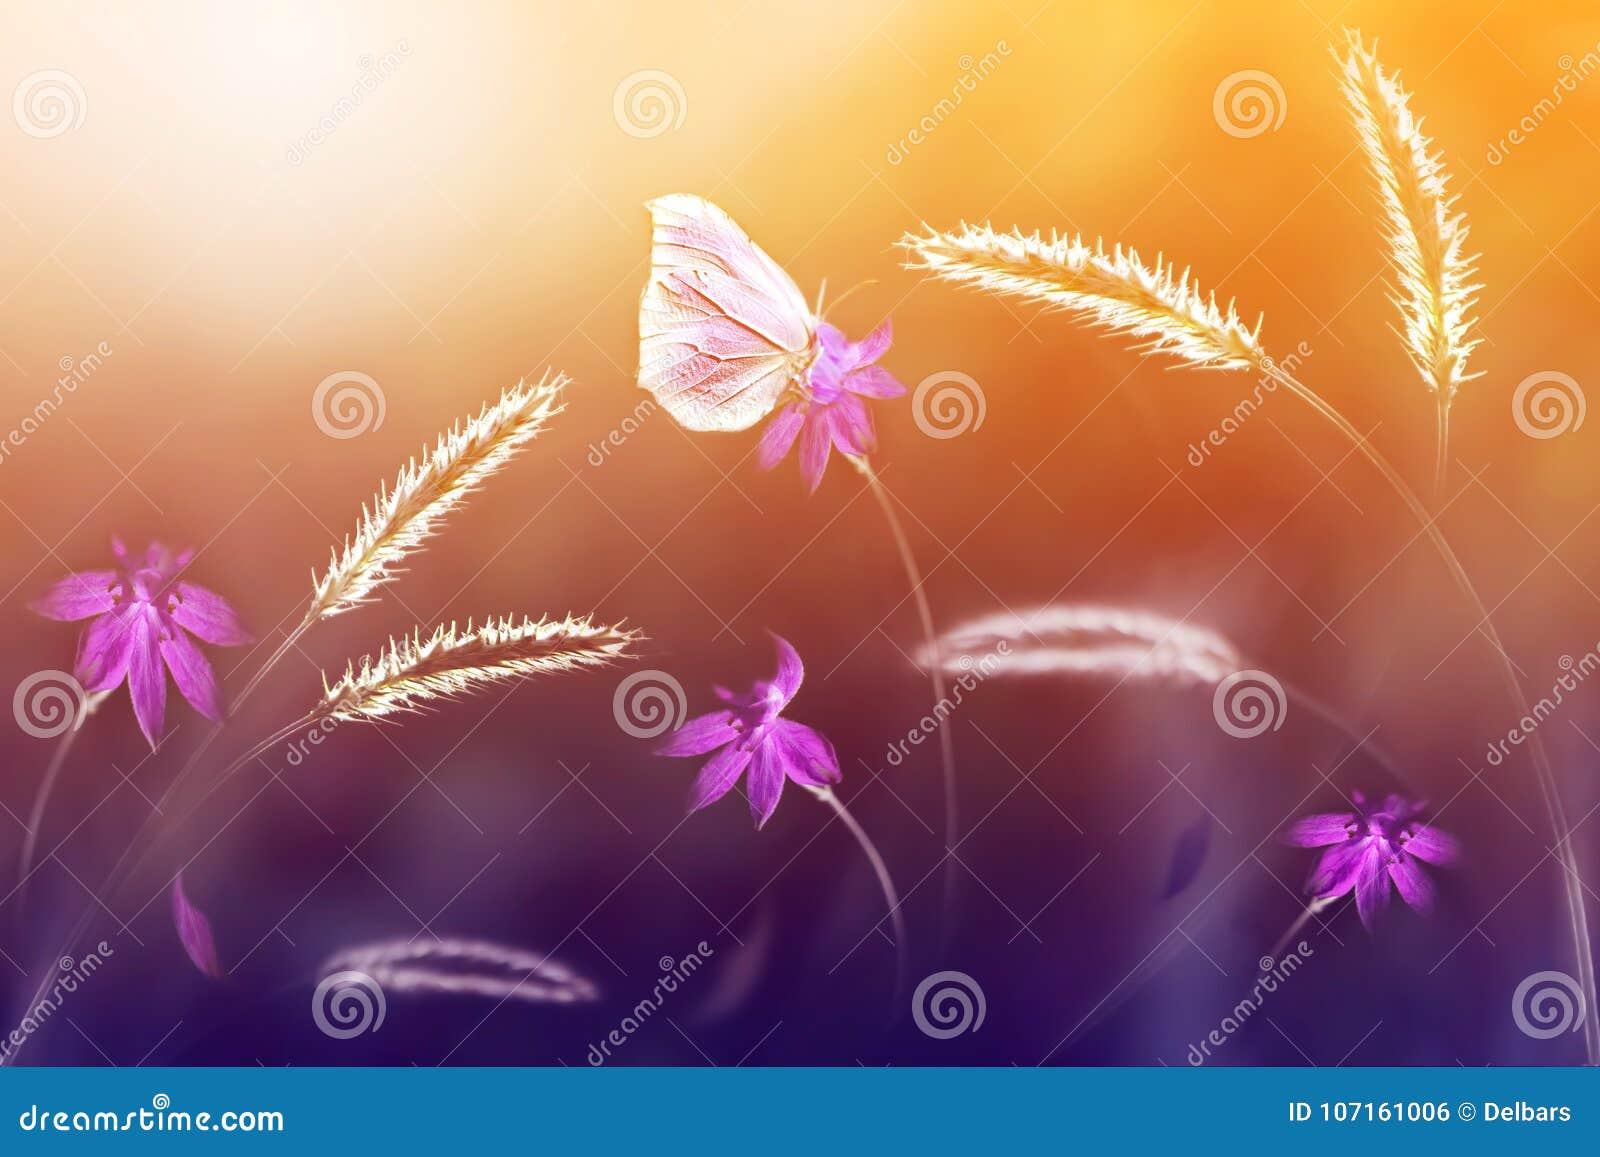 Rosa fjäril mot en bakgrund av lösa blommor i lila- och gulingsignaler Konstnärlig bild slapp fokus